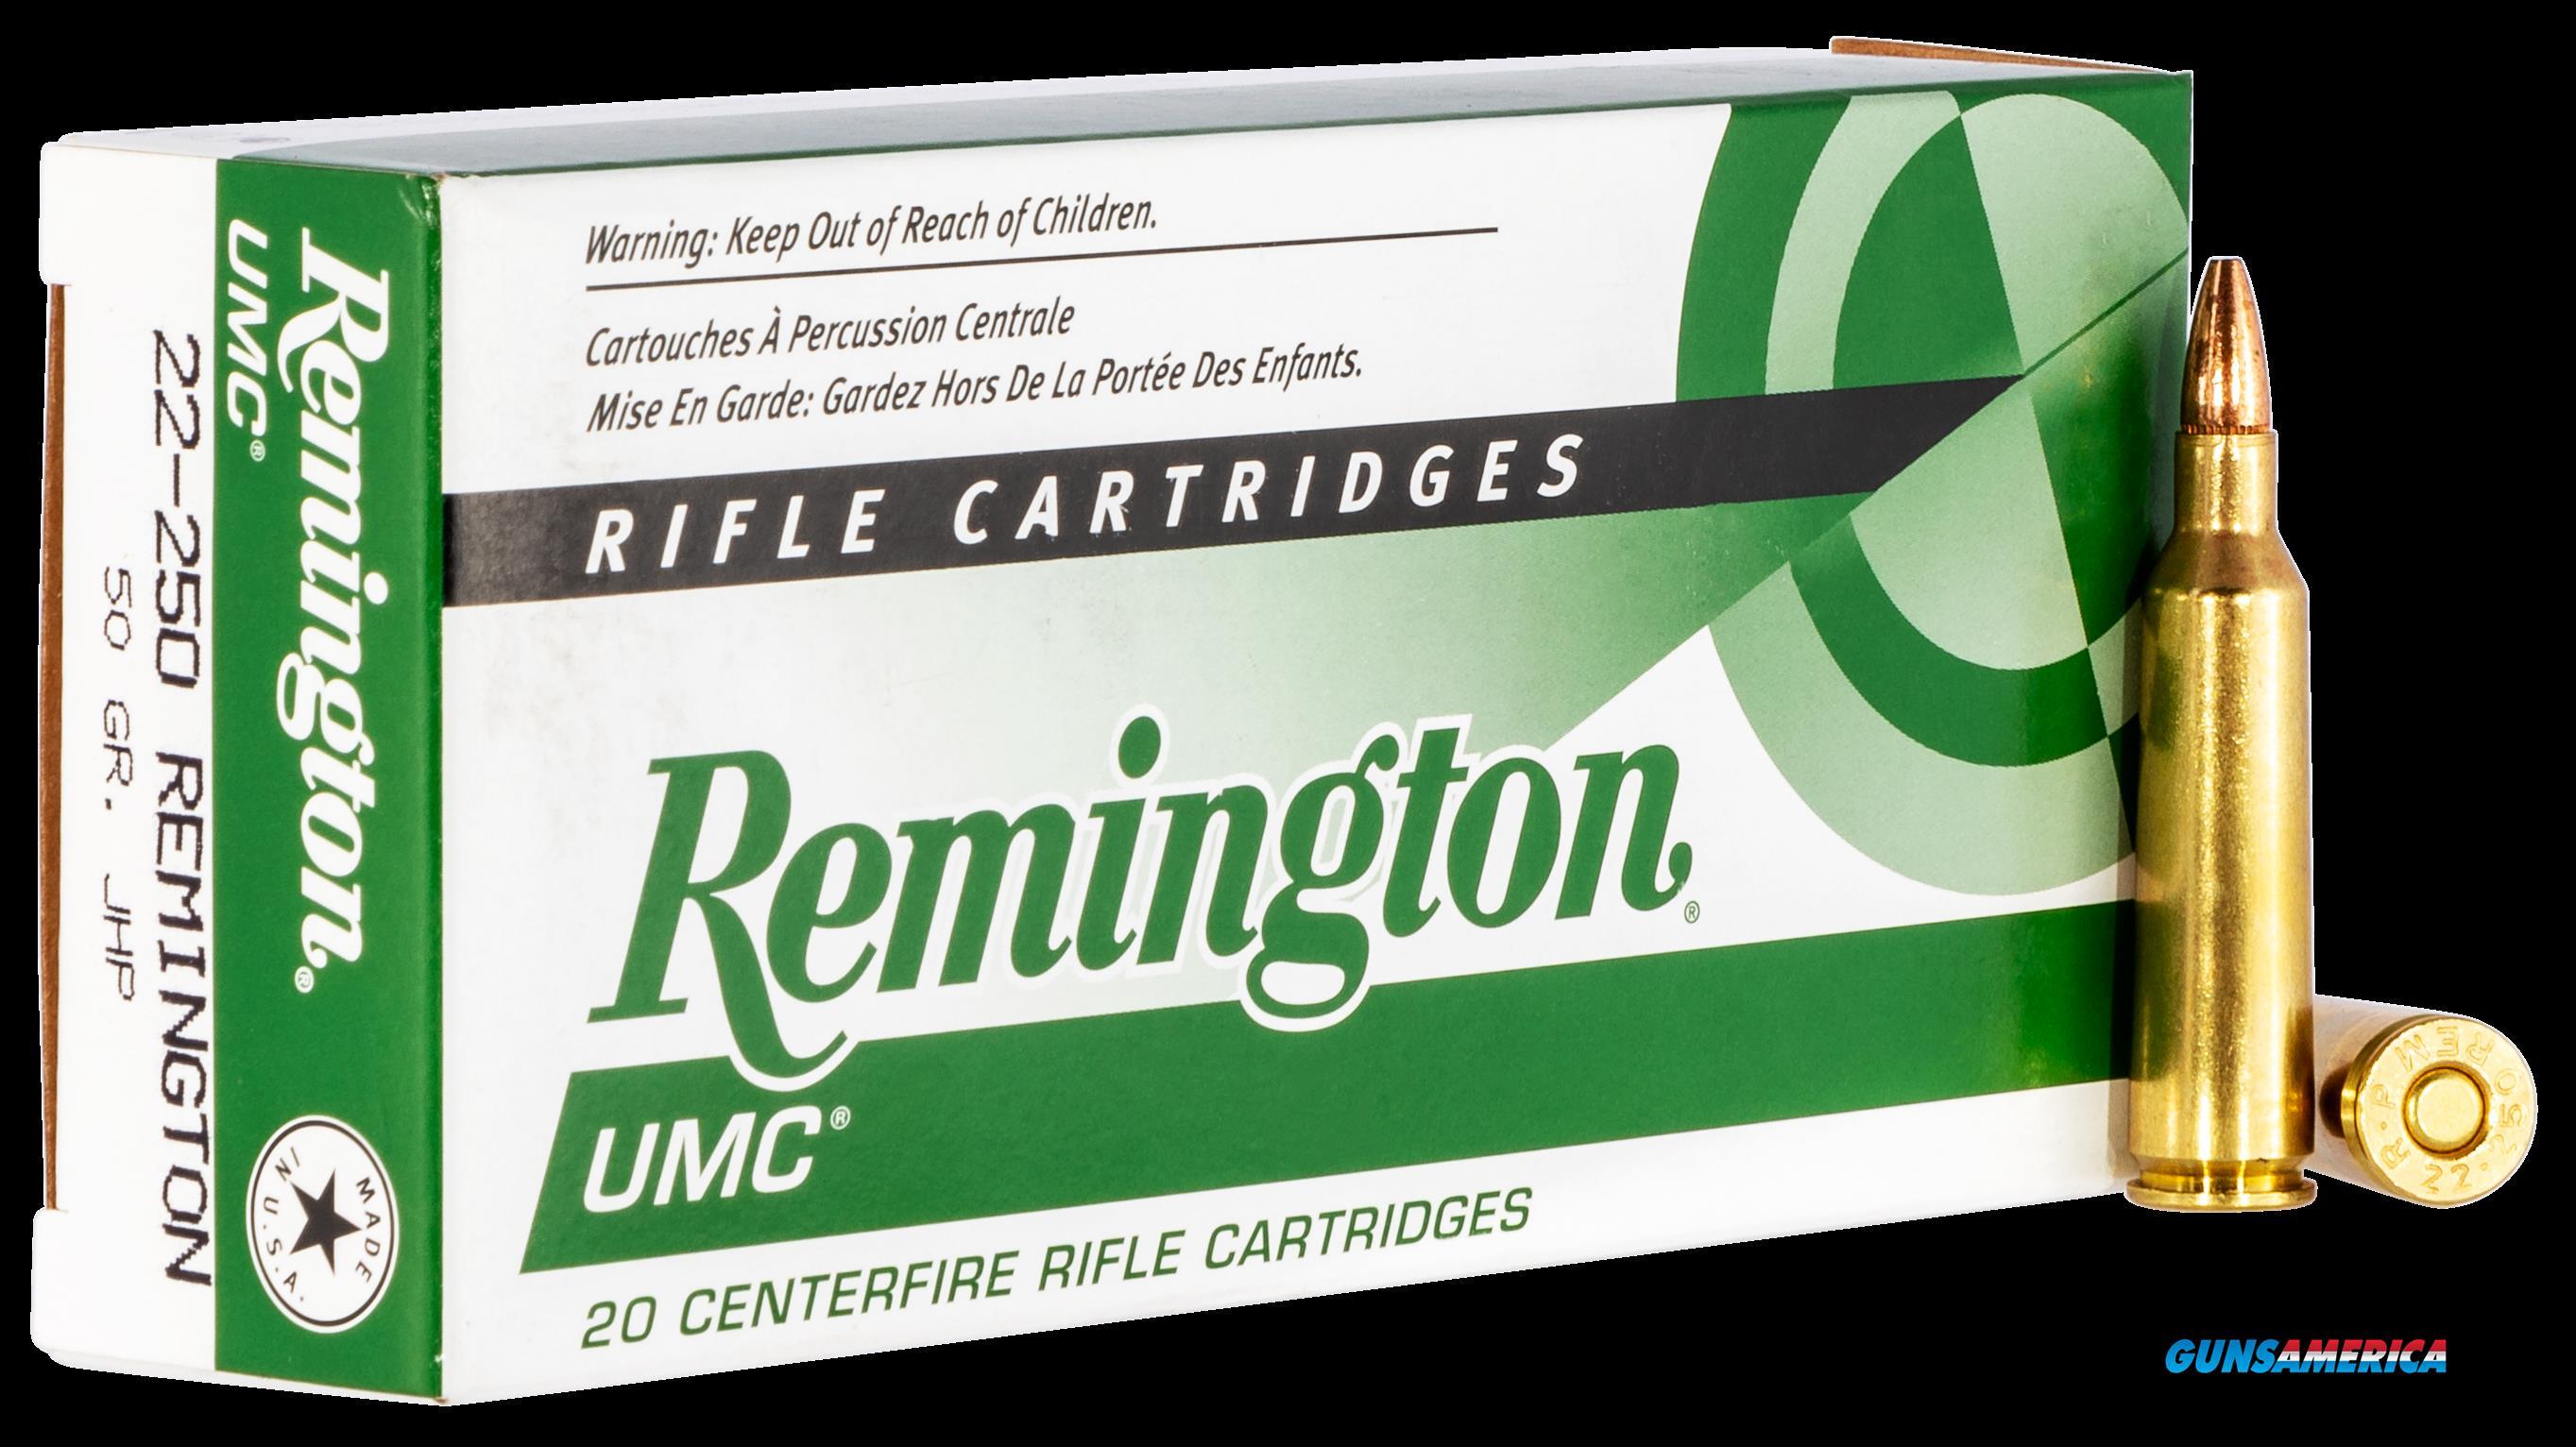 Remington Ammunition Umc, Rem 23813 L22504   Umc 22250     50jhp 20-10  Guns > Pistols > 1911 Pistol Copies (non-Colt)